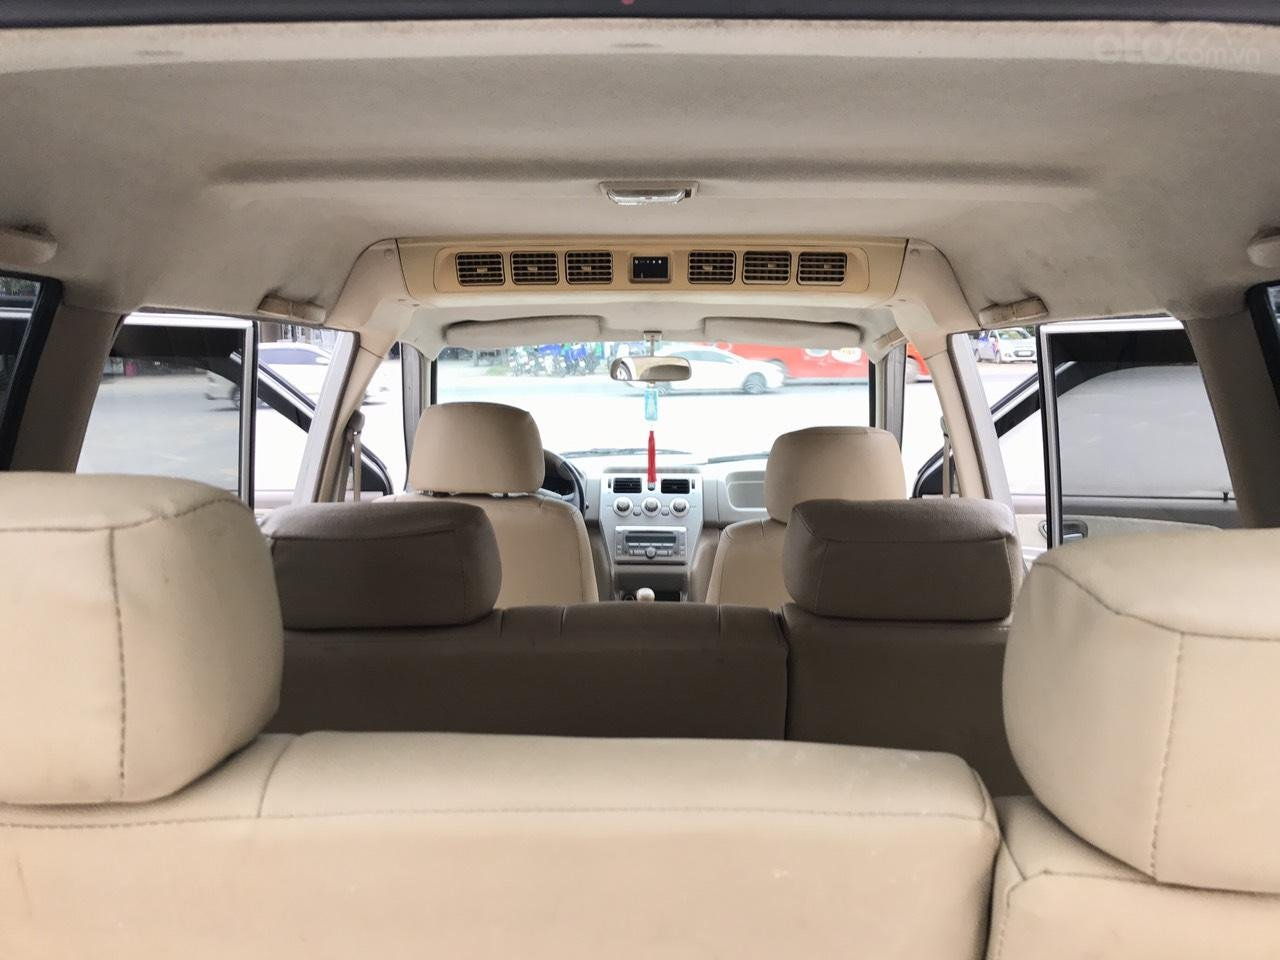 Cần bán xe Mitsubishi Jolie SS đời 2005, màu xám (ghi), cam kết máy nguyên mới (20)